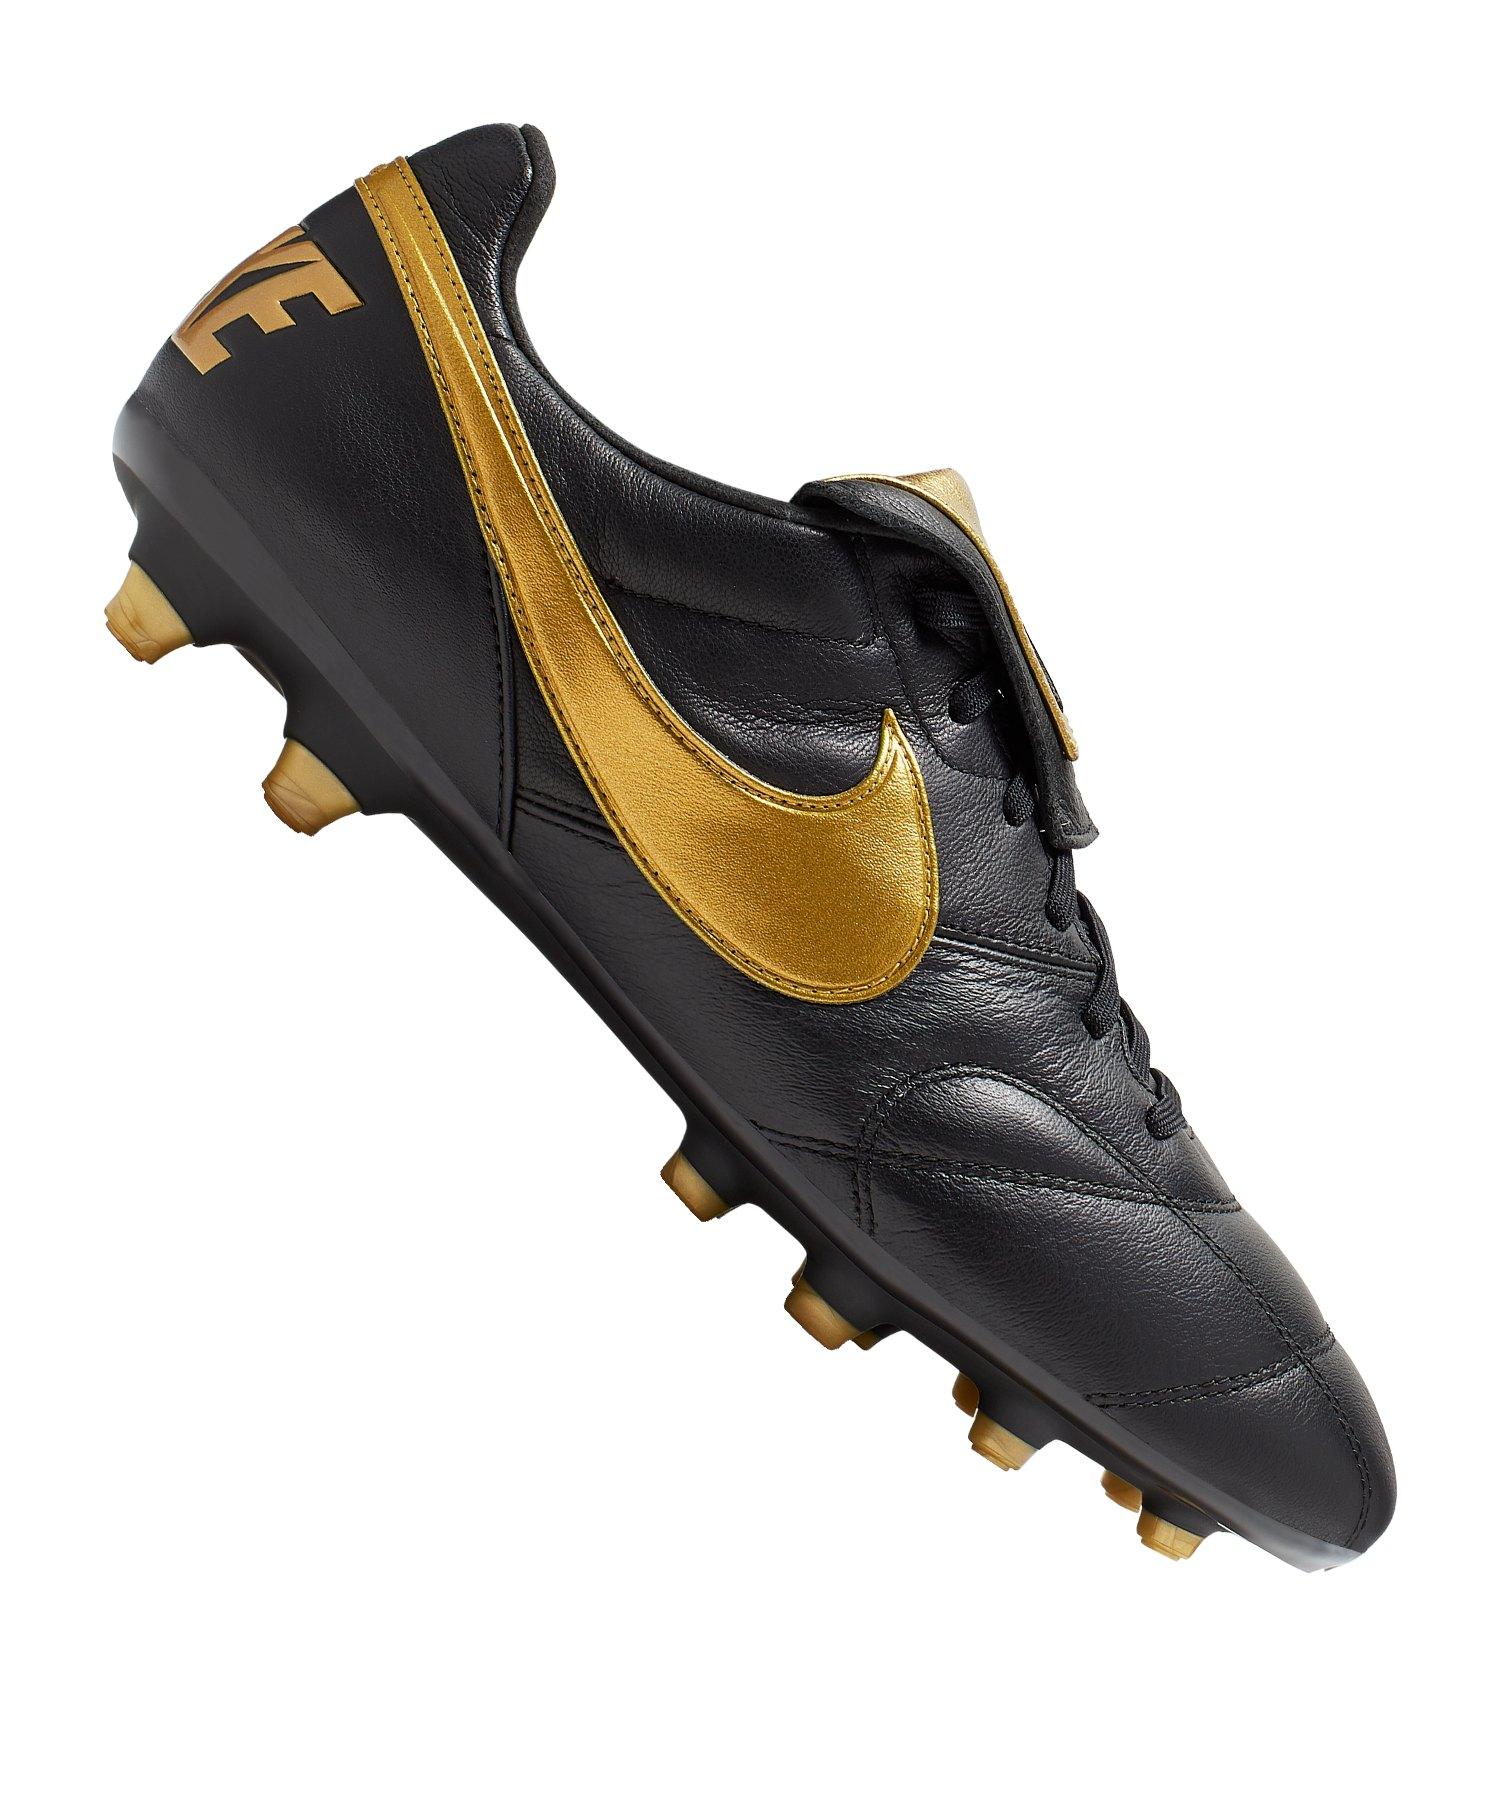 Nike The Nike Premier II FG Schwarz Gold F077 - Schwarz